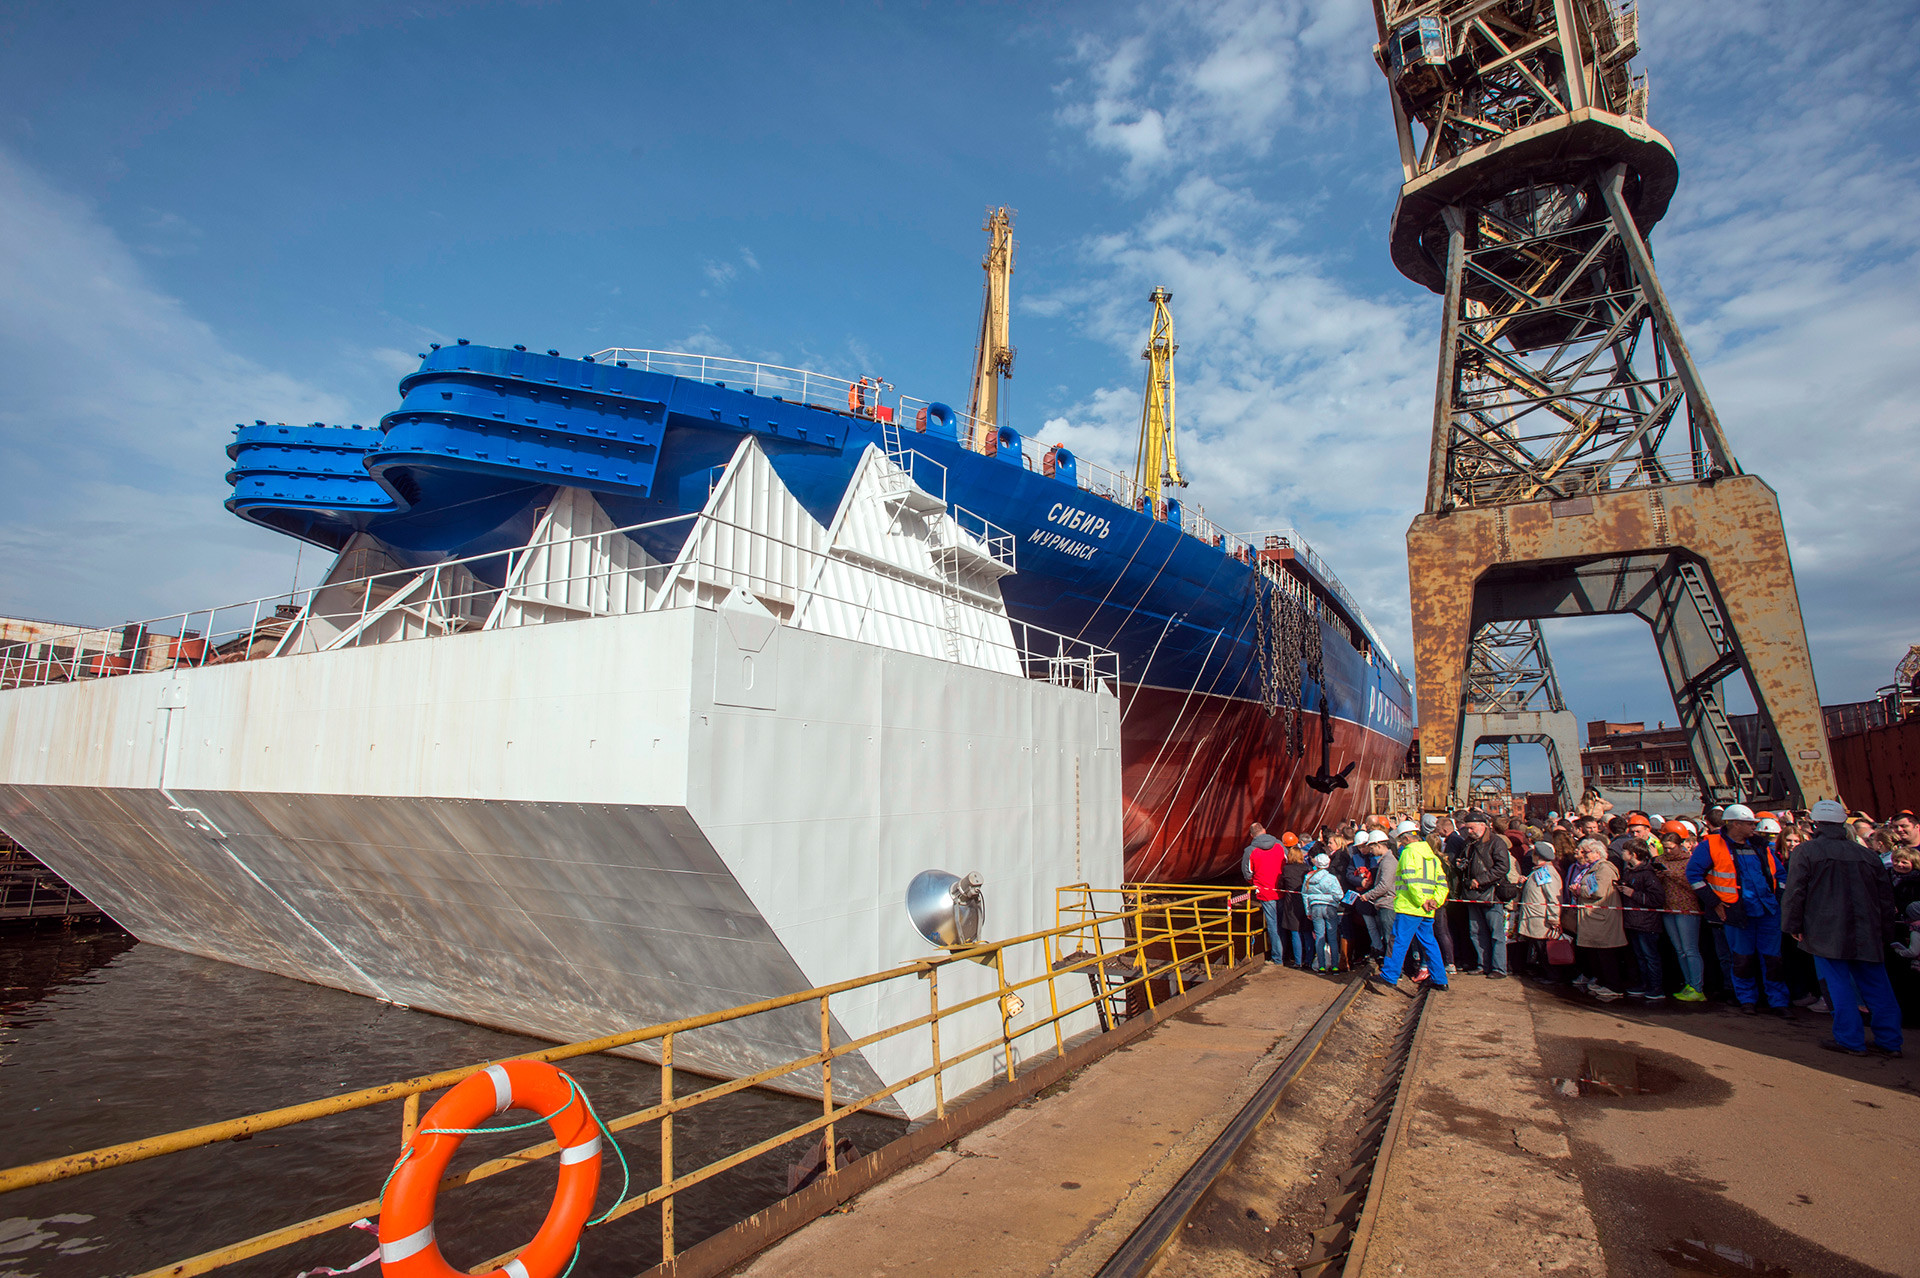 Slovesnost ob splovitvi prvega serijskega univerzalnega jedrskega ledolomilca LK-60JA Sibirija v Baltski ladjedelnici v Sankt Peterburgu. 22.9.2017.